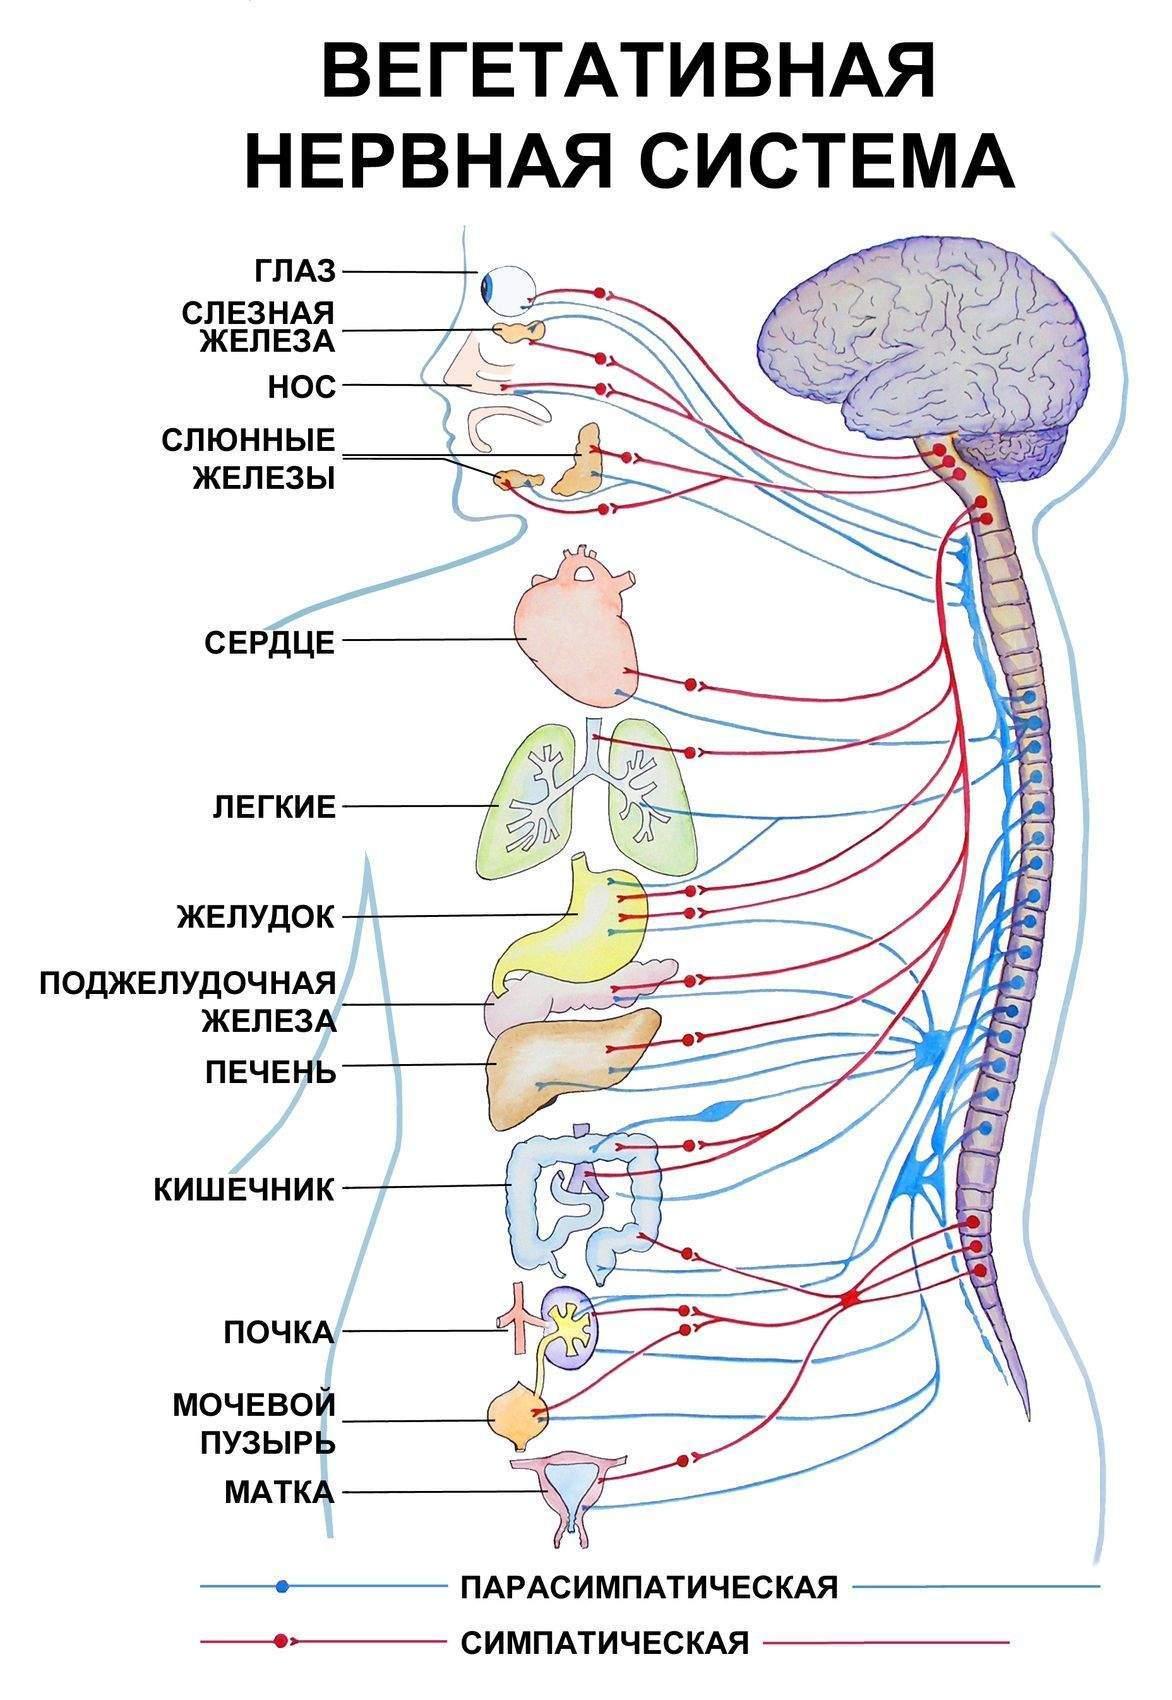 Вегетативная нервная система причины